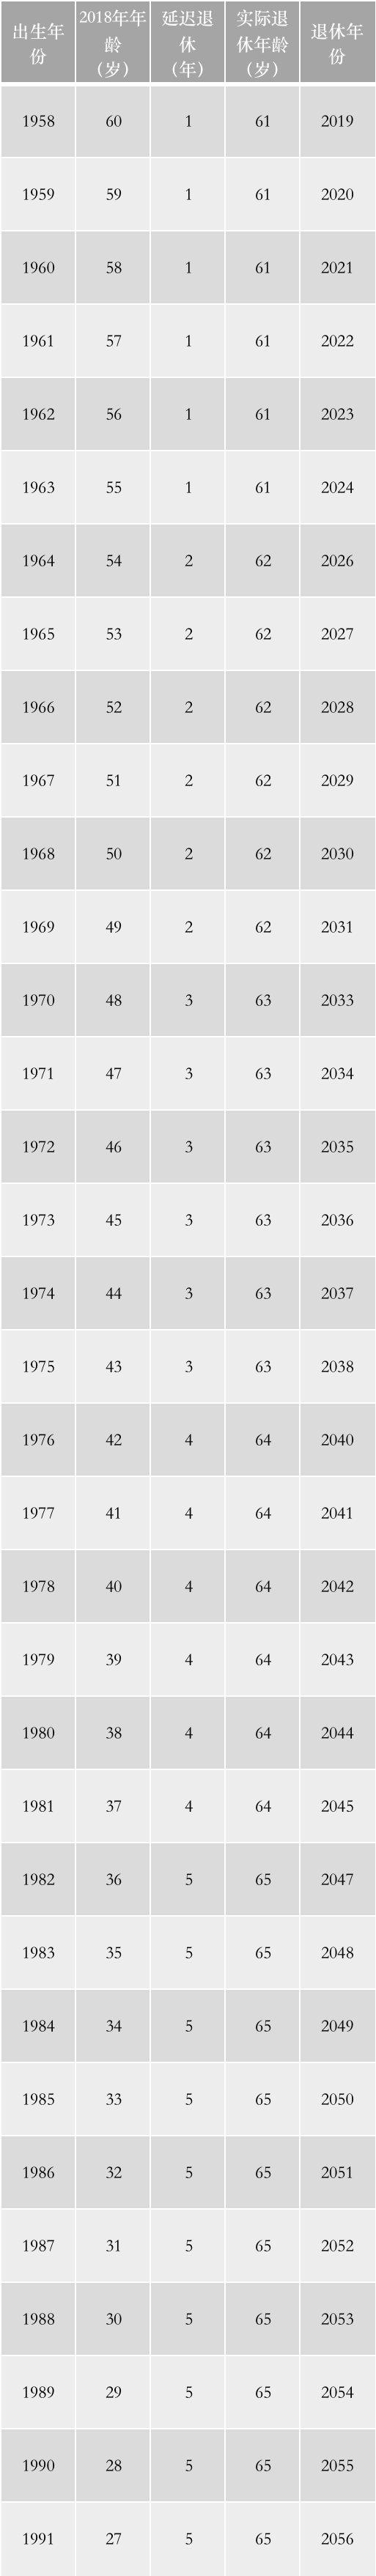 连云港退休年龄最新规定2021